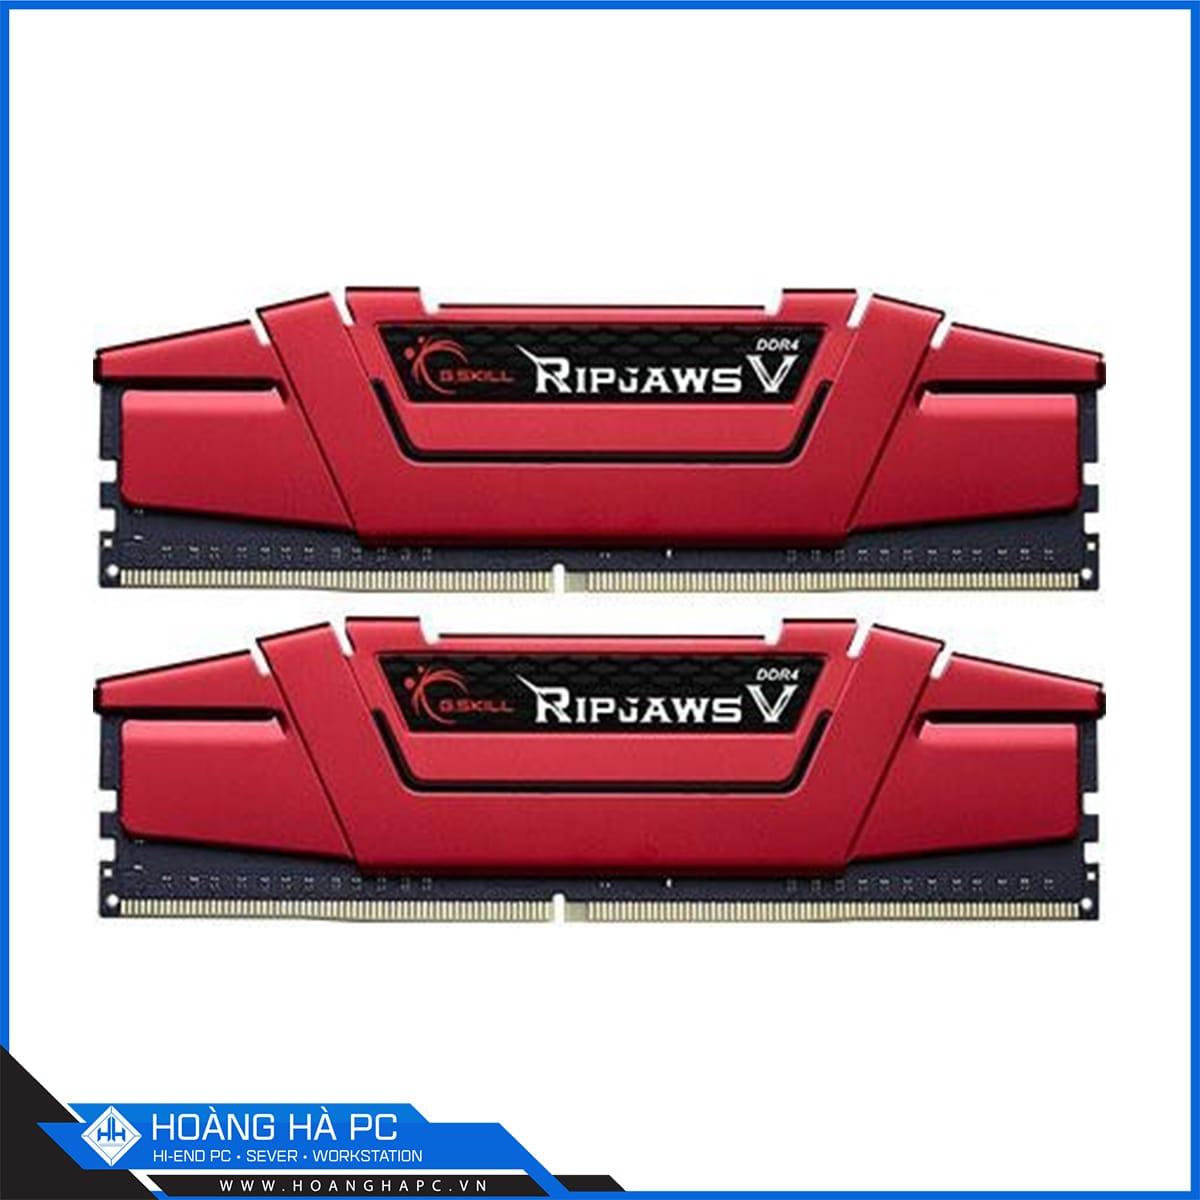 G.Skill Ripjaws V- 16GB (8GBx2)